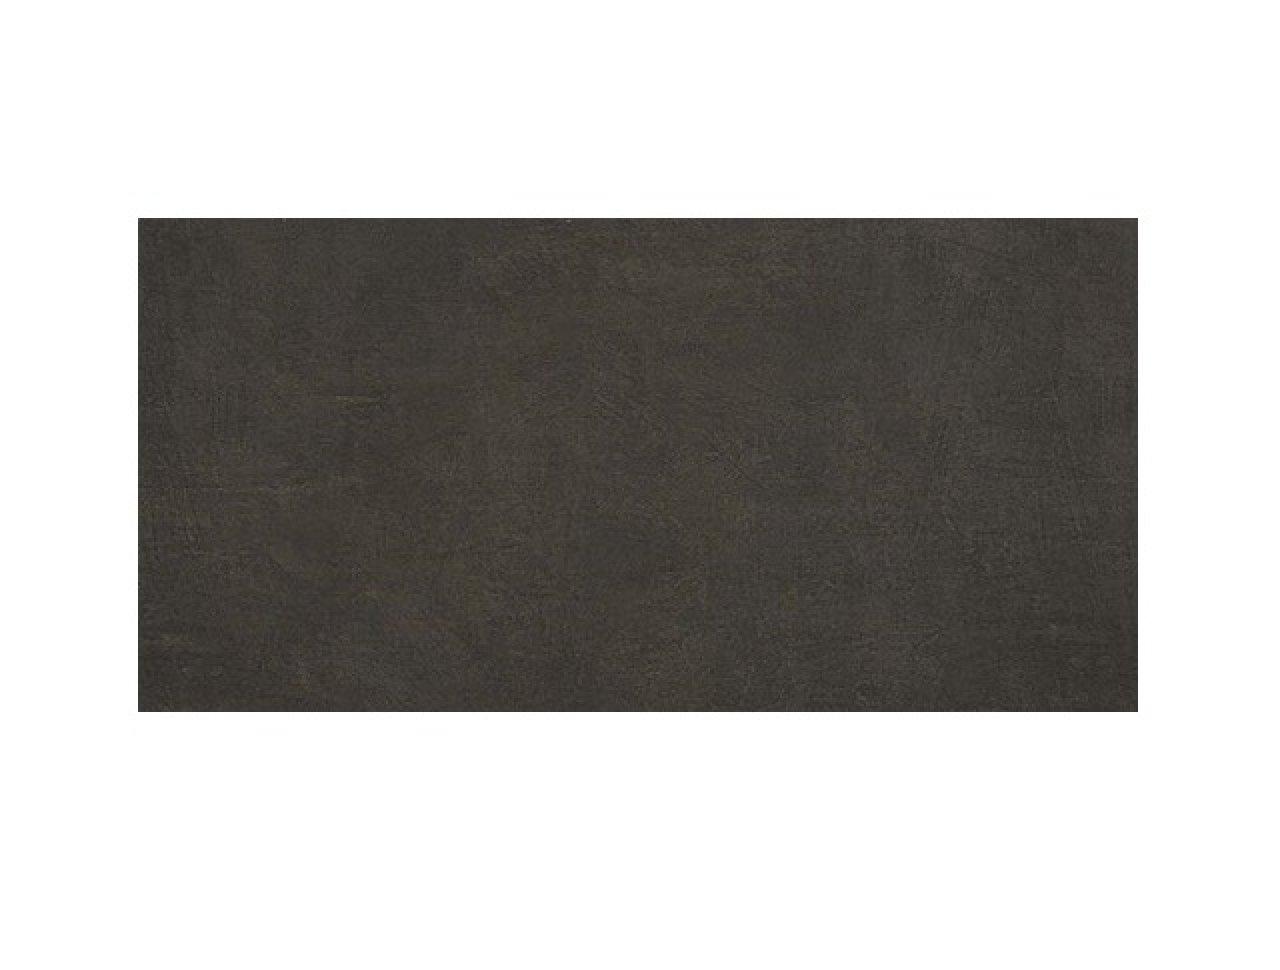 Настенная плитка Ewall Moka 40x80